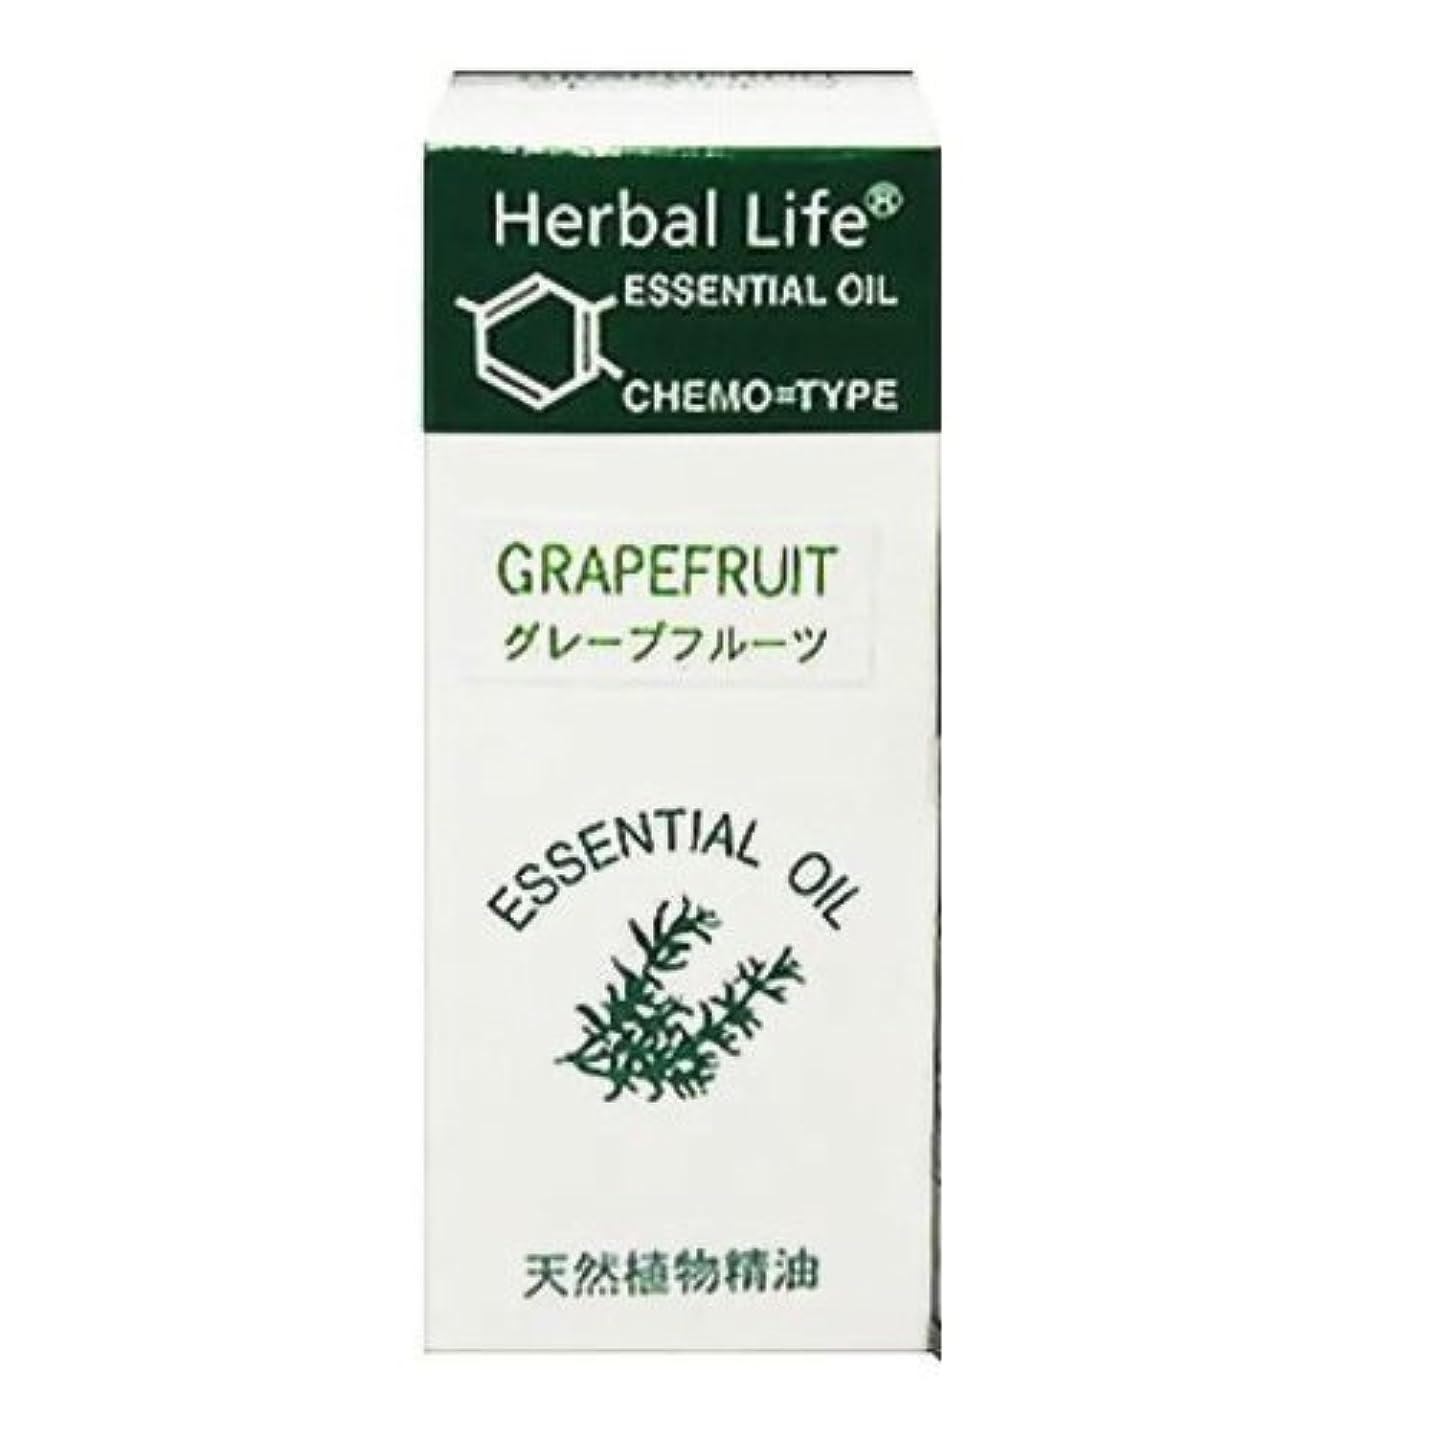 厚さシマウマテキスト生活の木 エッセンシャルオイル グレープフルーツ 10ml